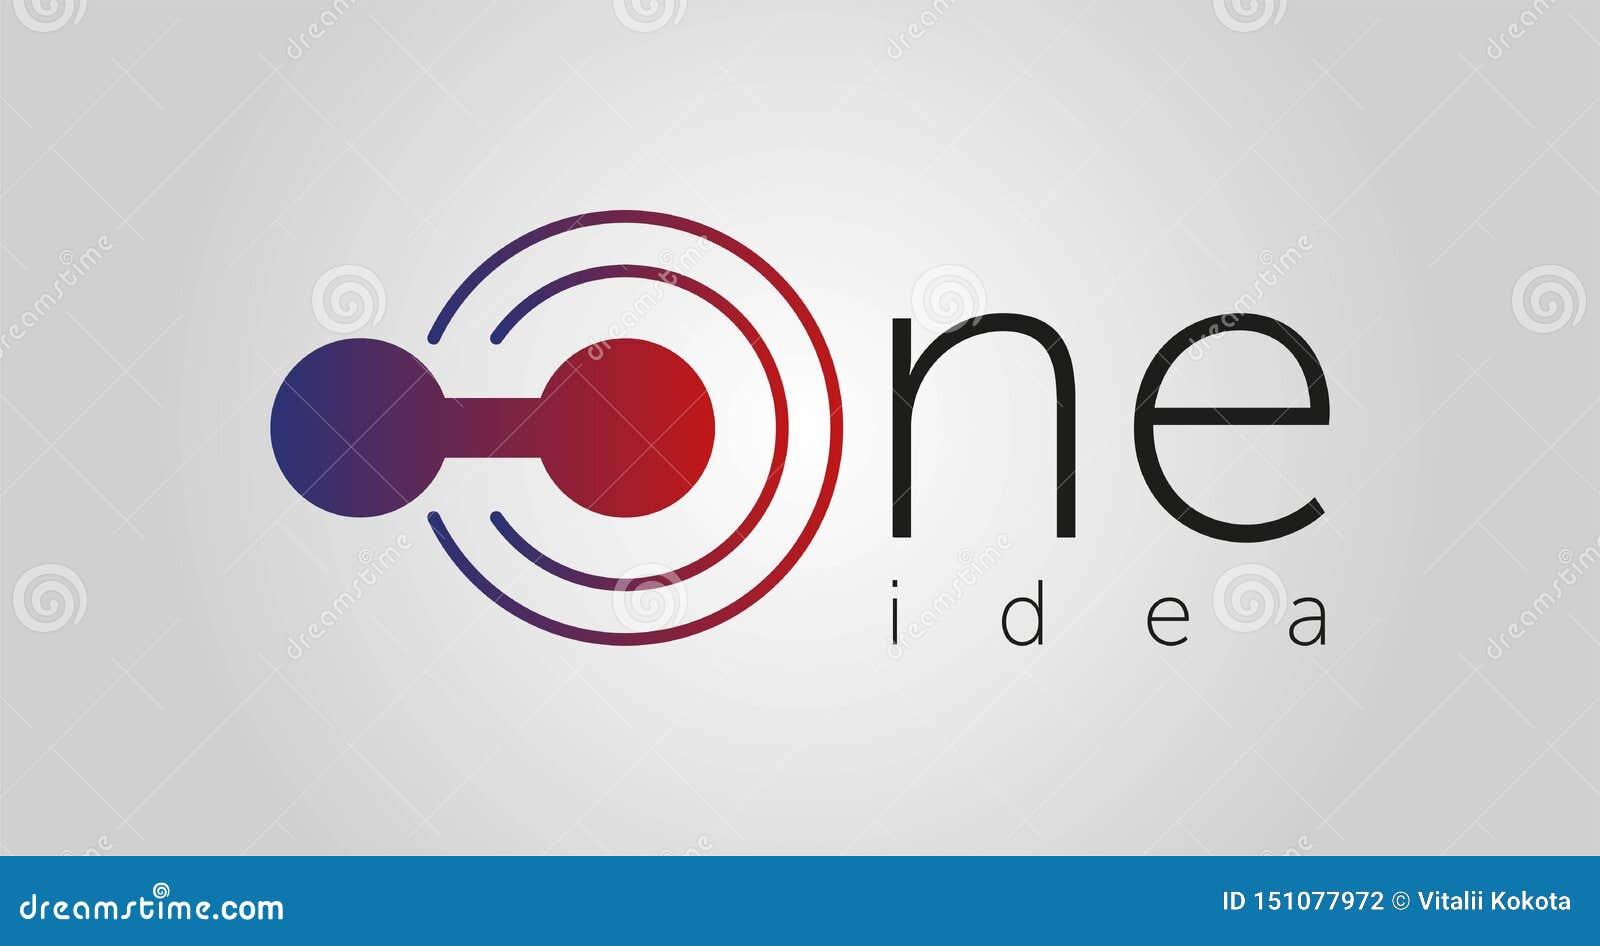 Jeden pomysłu logo, jeden ikona, jeden kreskowa wektorowa ilustracja odizolowywająca na białym tle